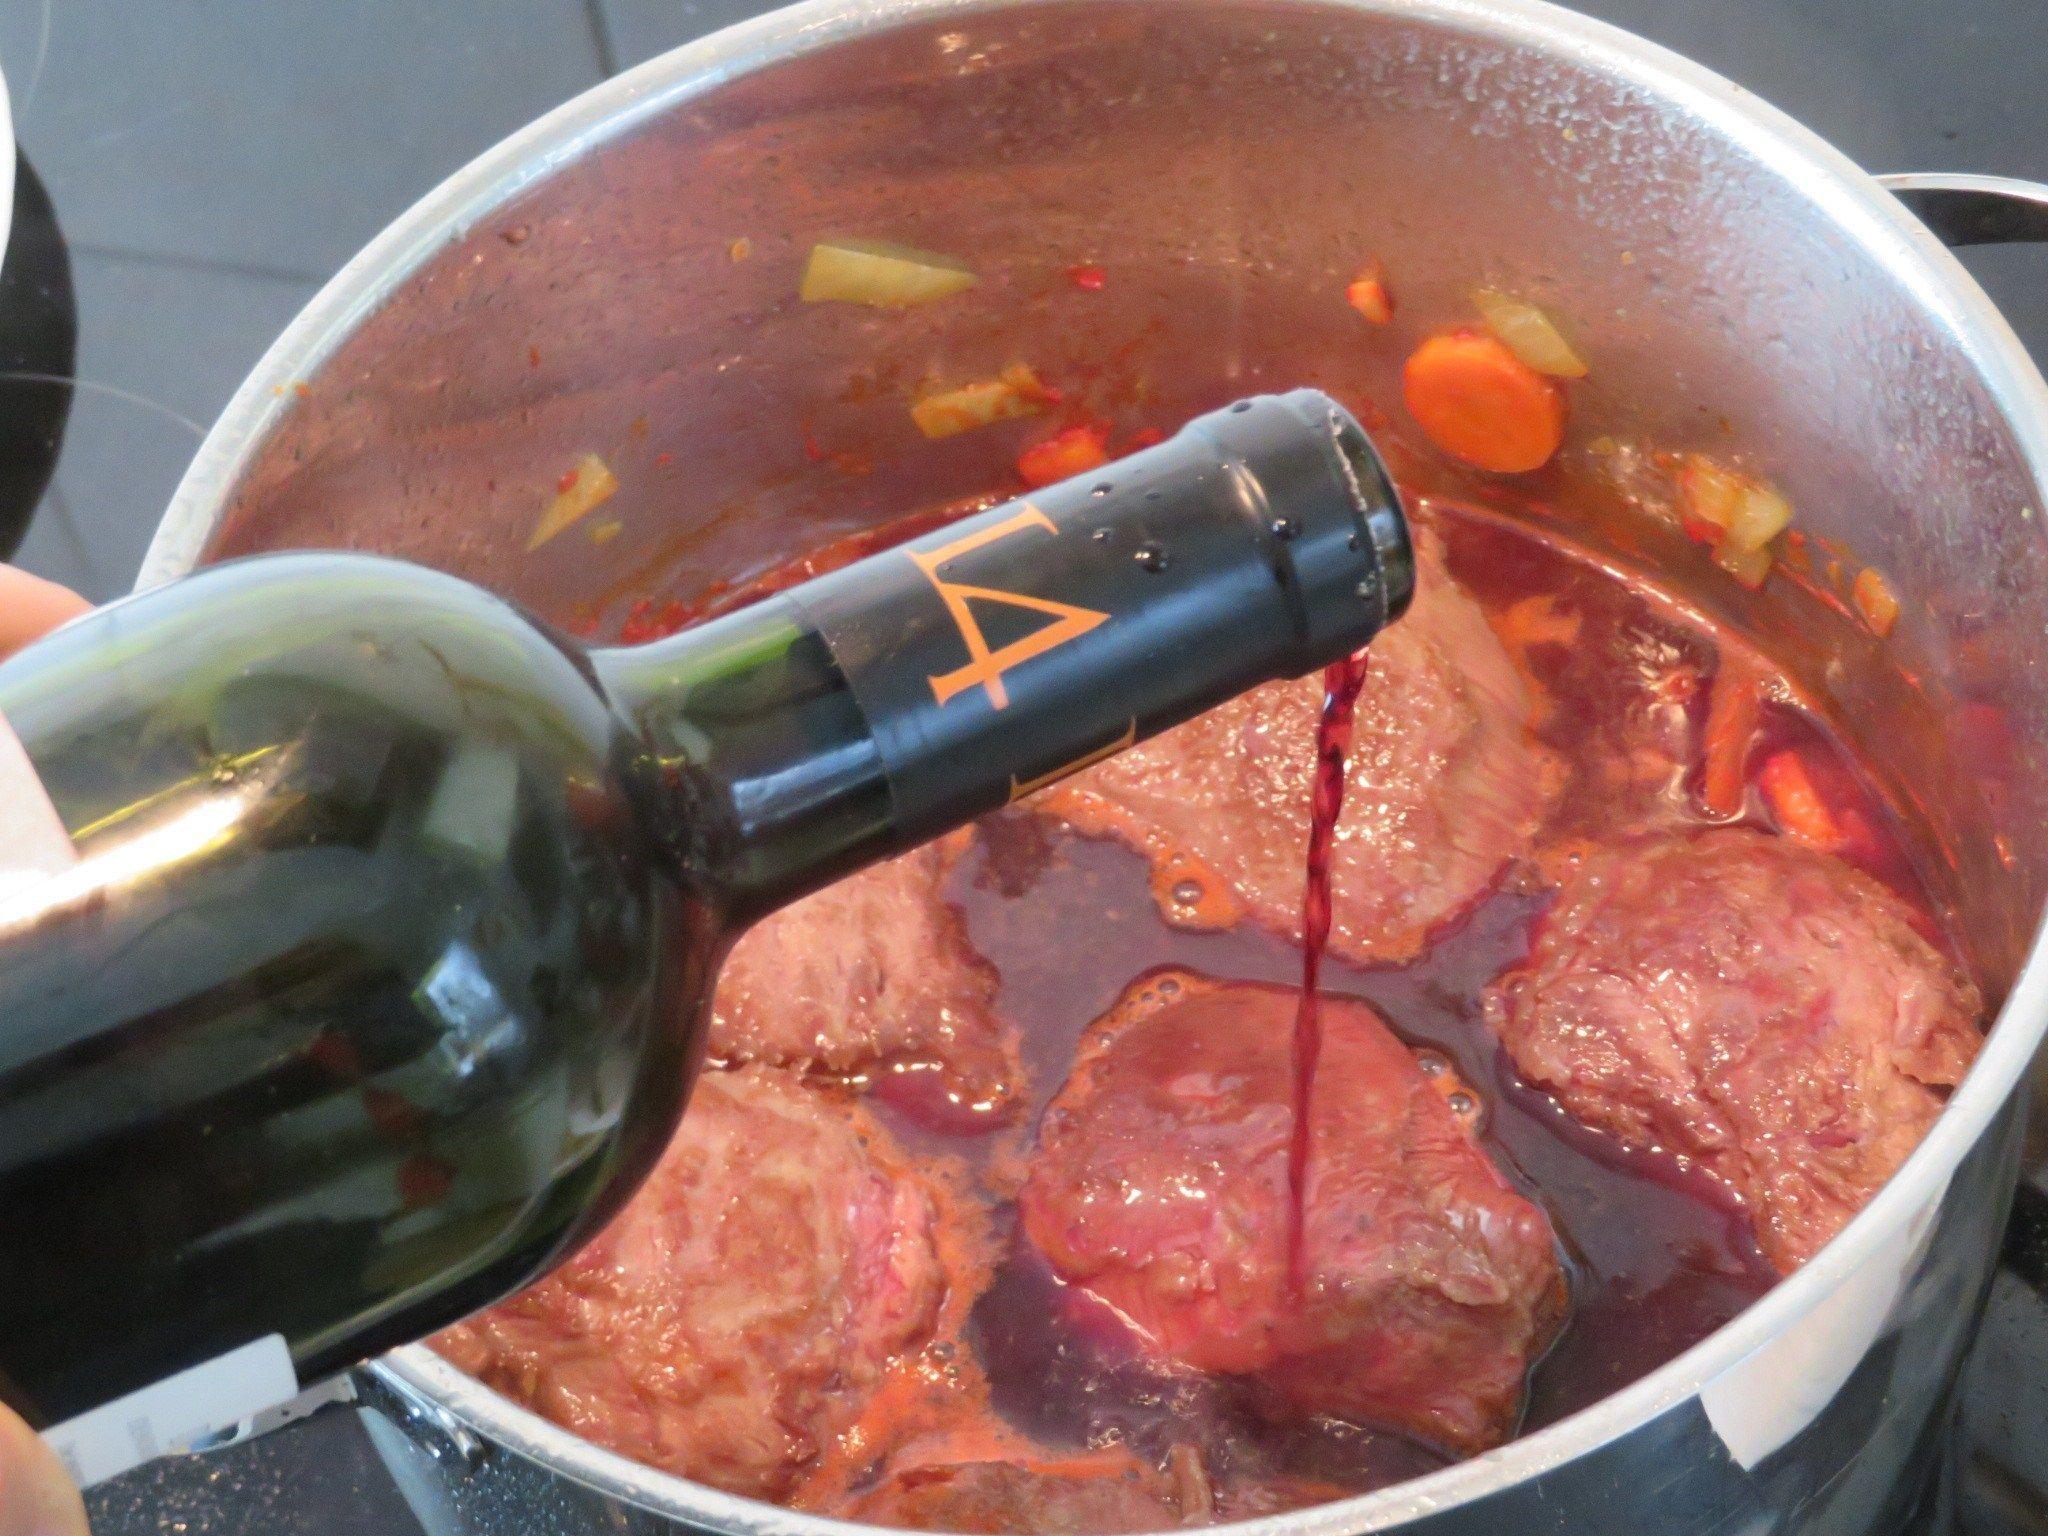 Geschmorte Kalbsb Ckchen Mit Rotweinso E Recipes Recipesideas Easyrecipes Easyrecipesideas In 2020 Red Wine Sauce Deer Meat Recipes Crockpot Recipes Beef